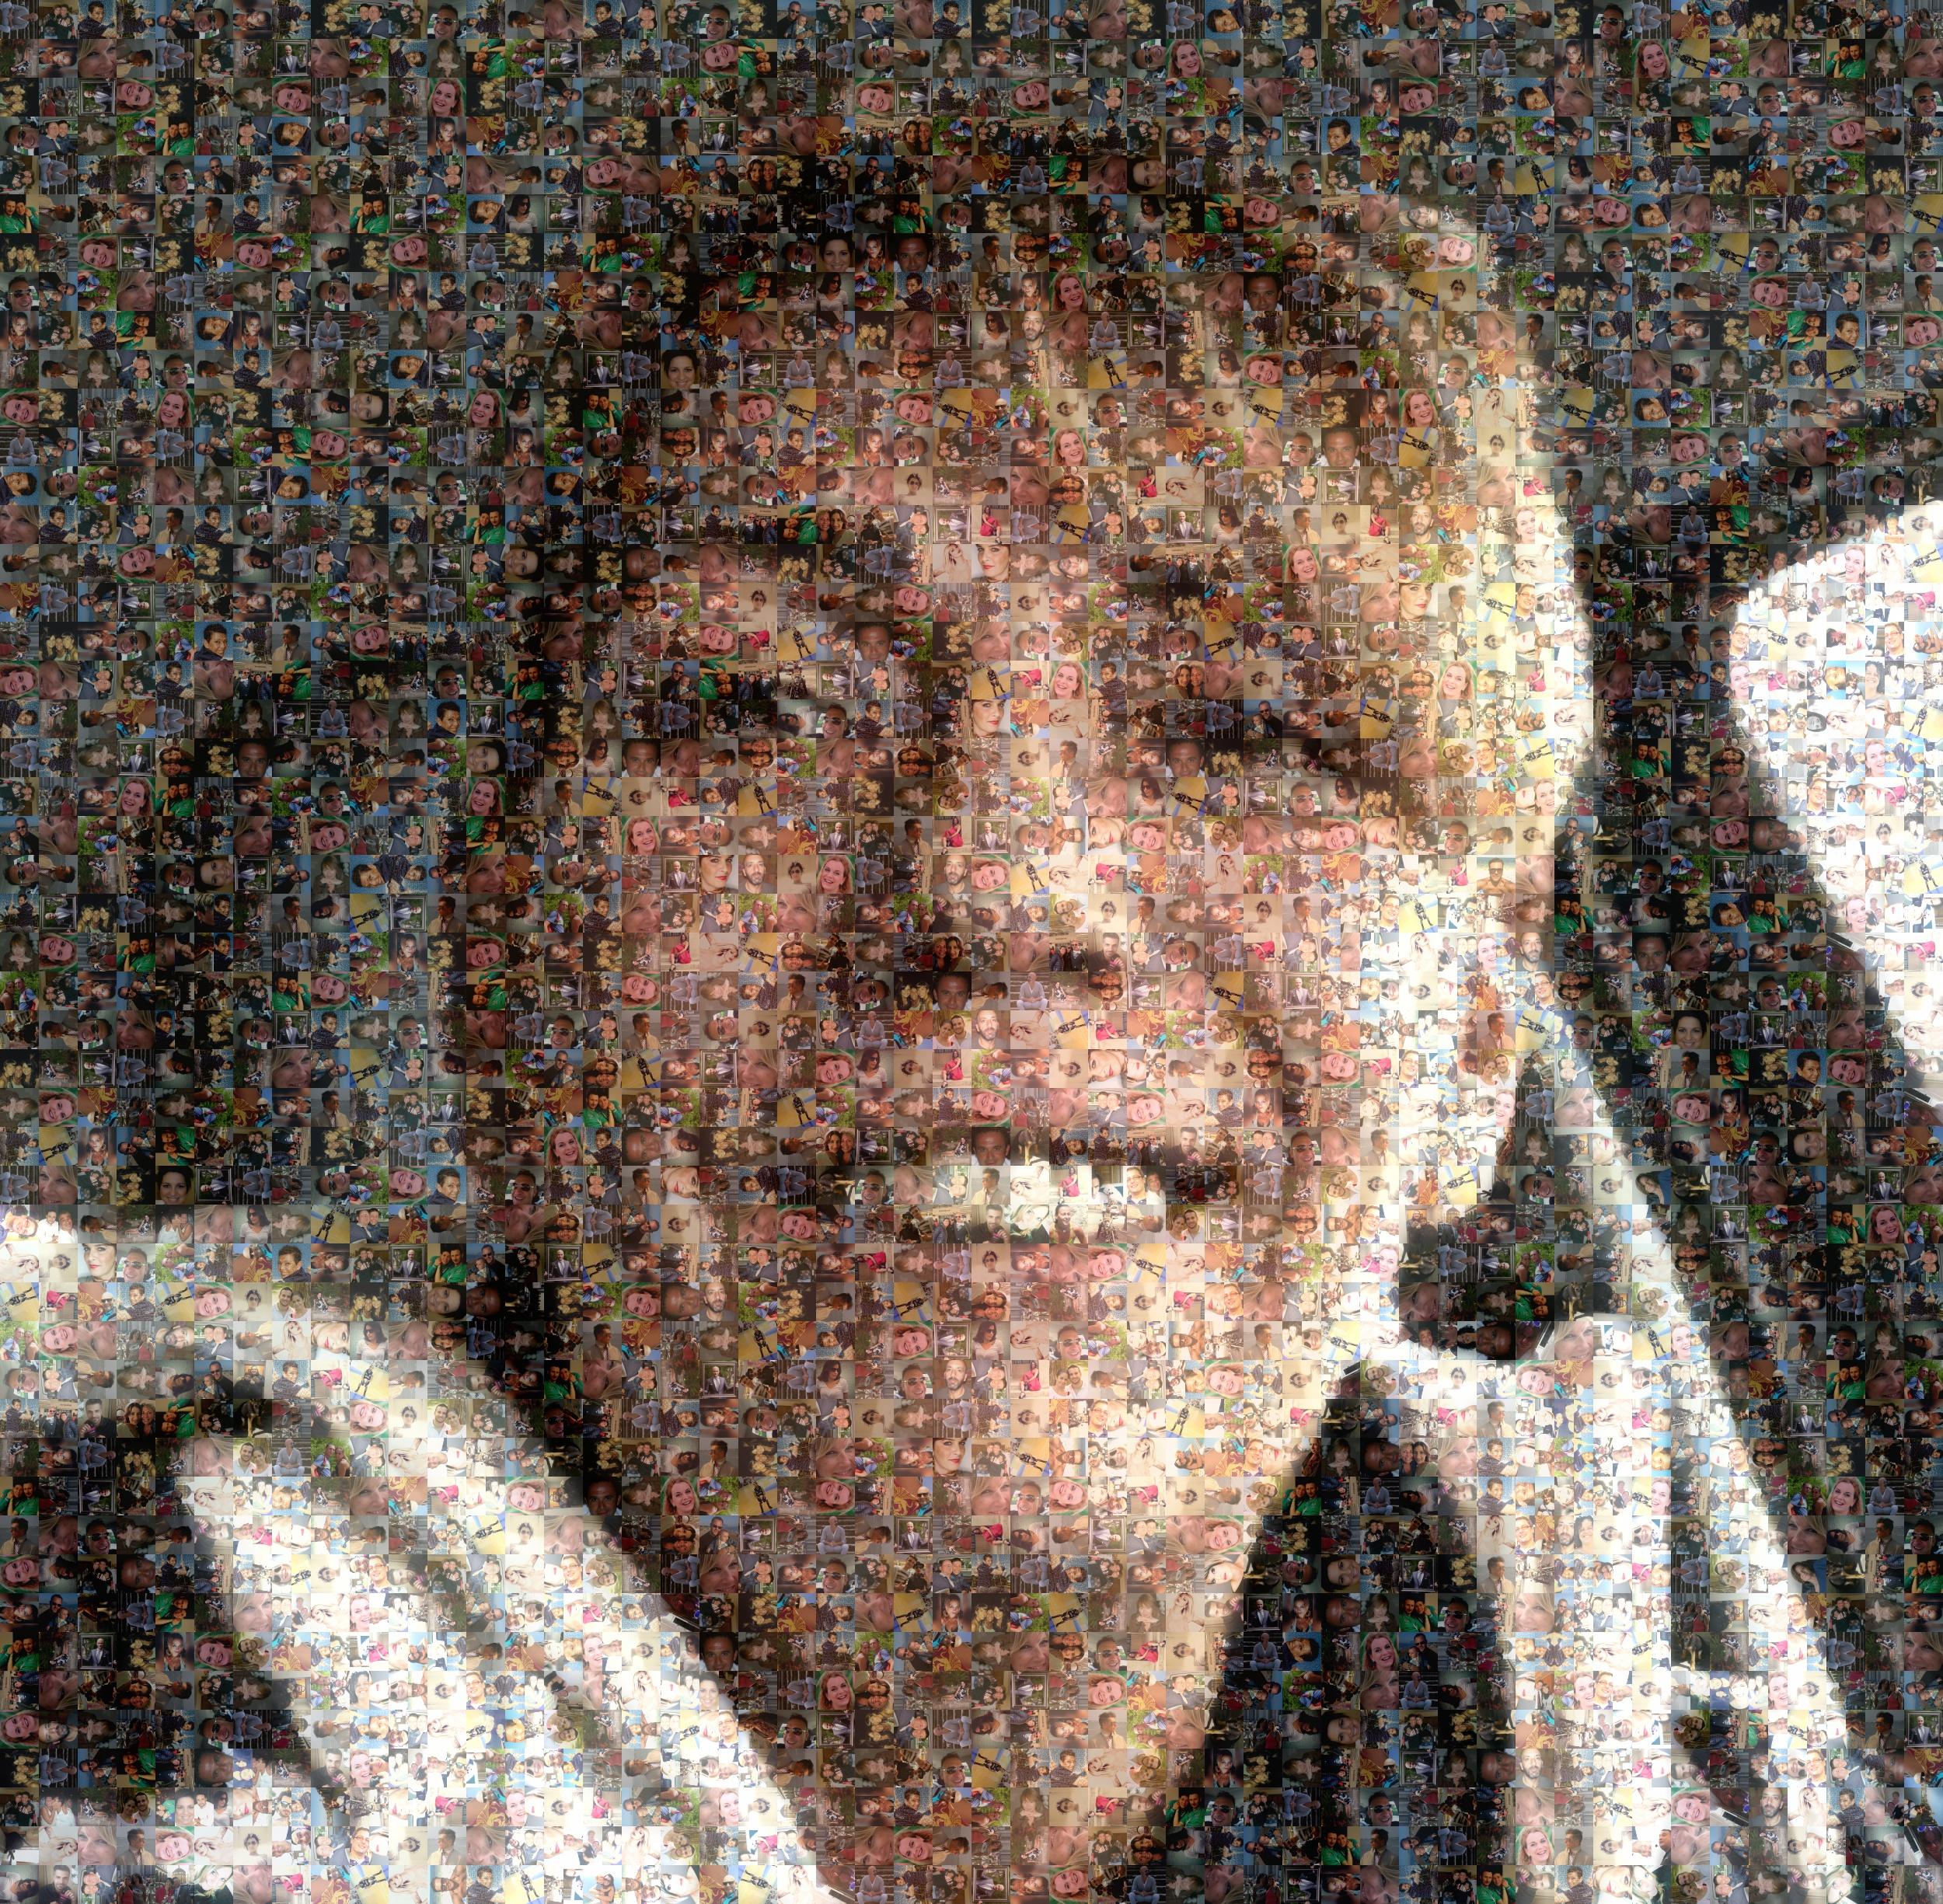 Ciao sono Loredana, questa immagine è creata con le foto di ognuno di voi, ogni persona con la quale ho lavorato. Grazie